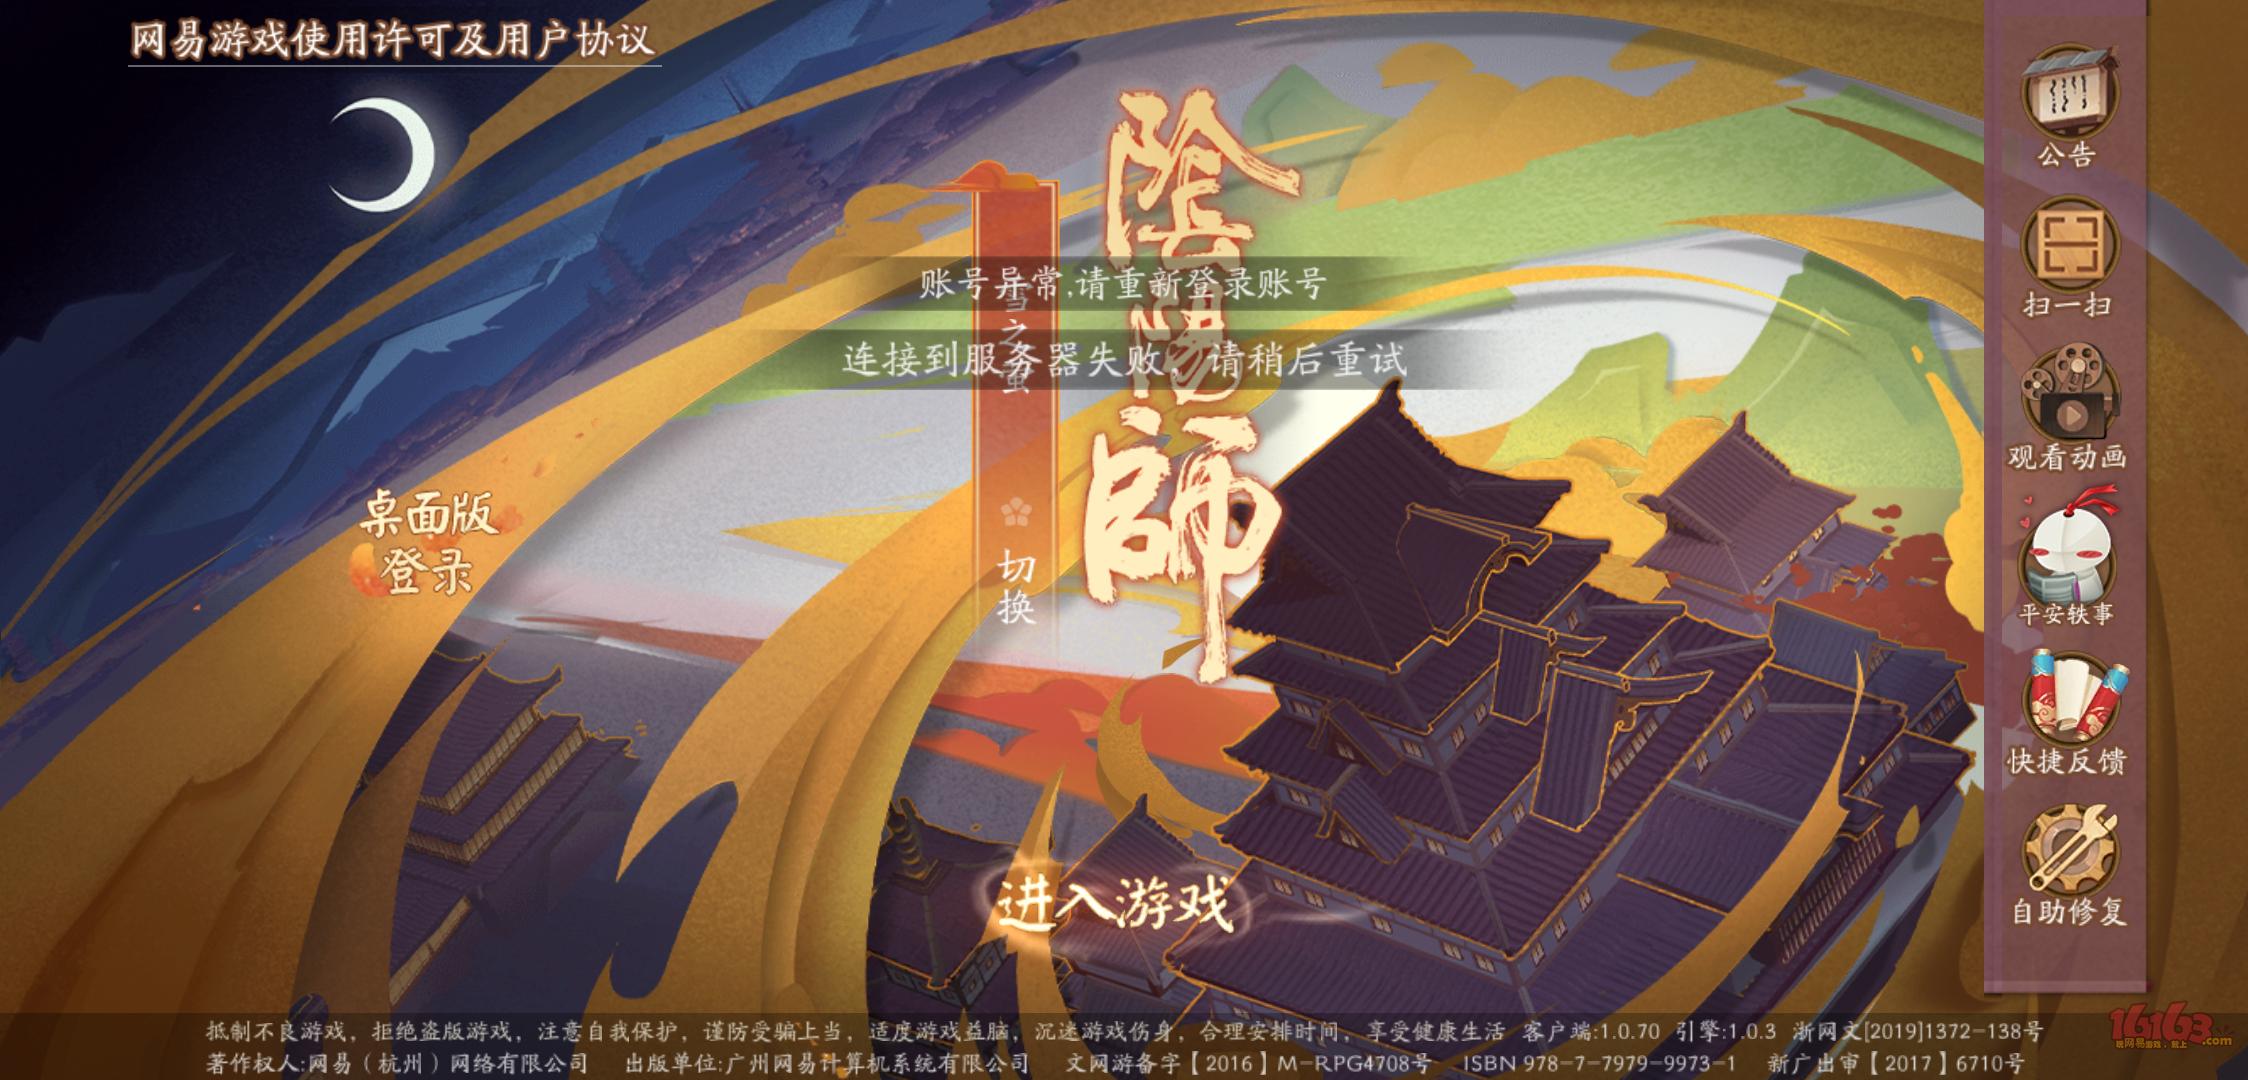 Screenshot_2019-09-20-09-38-26-127_com.tencent.tmgp.yys.zqb.png